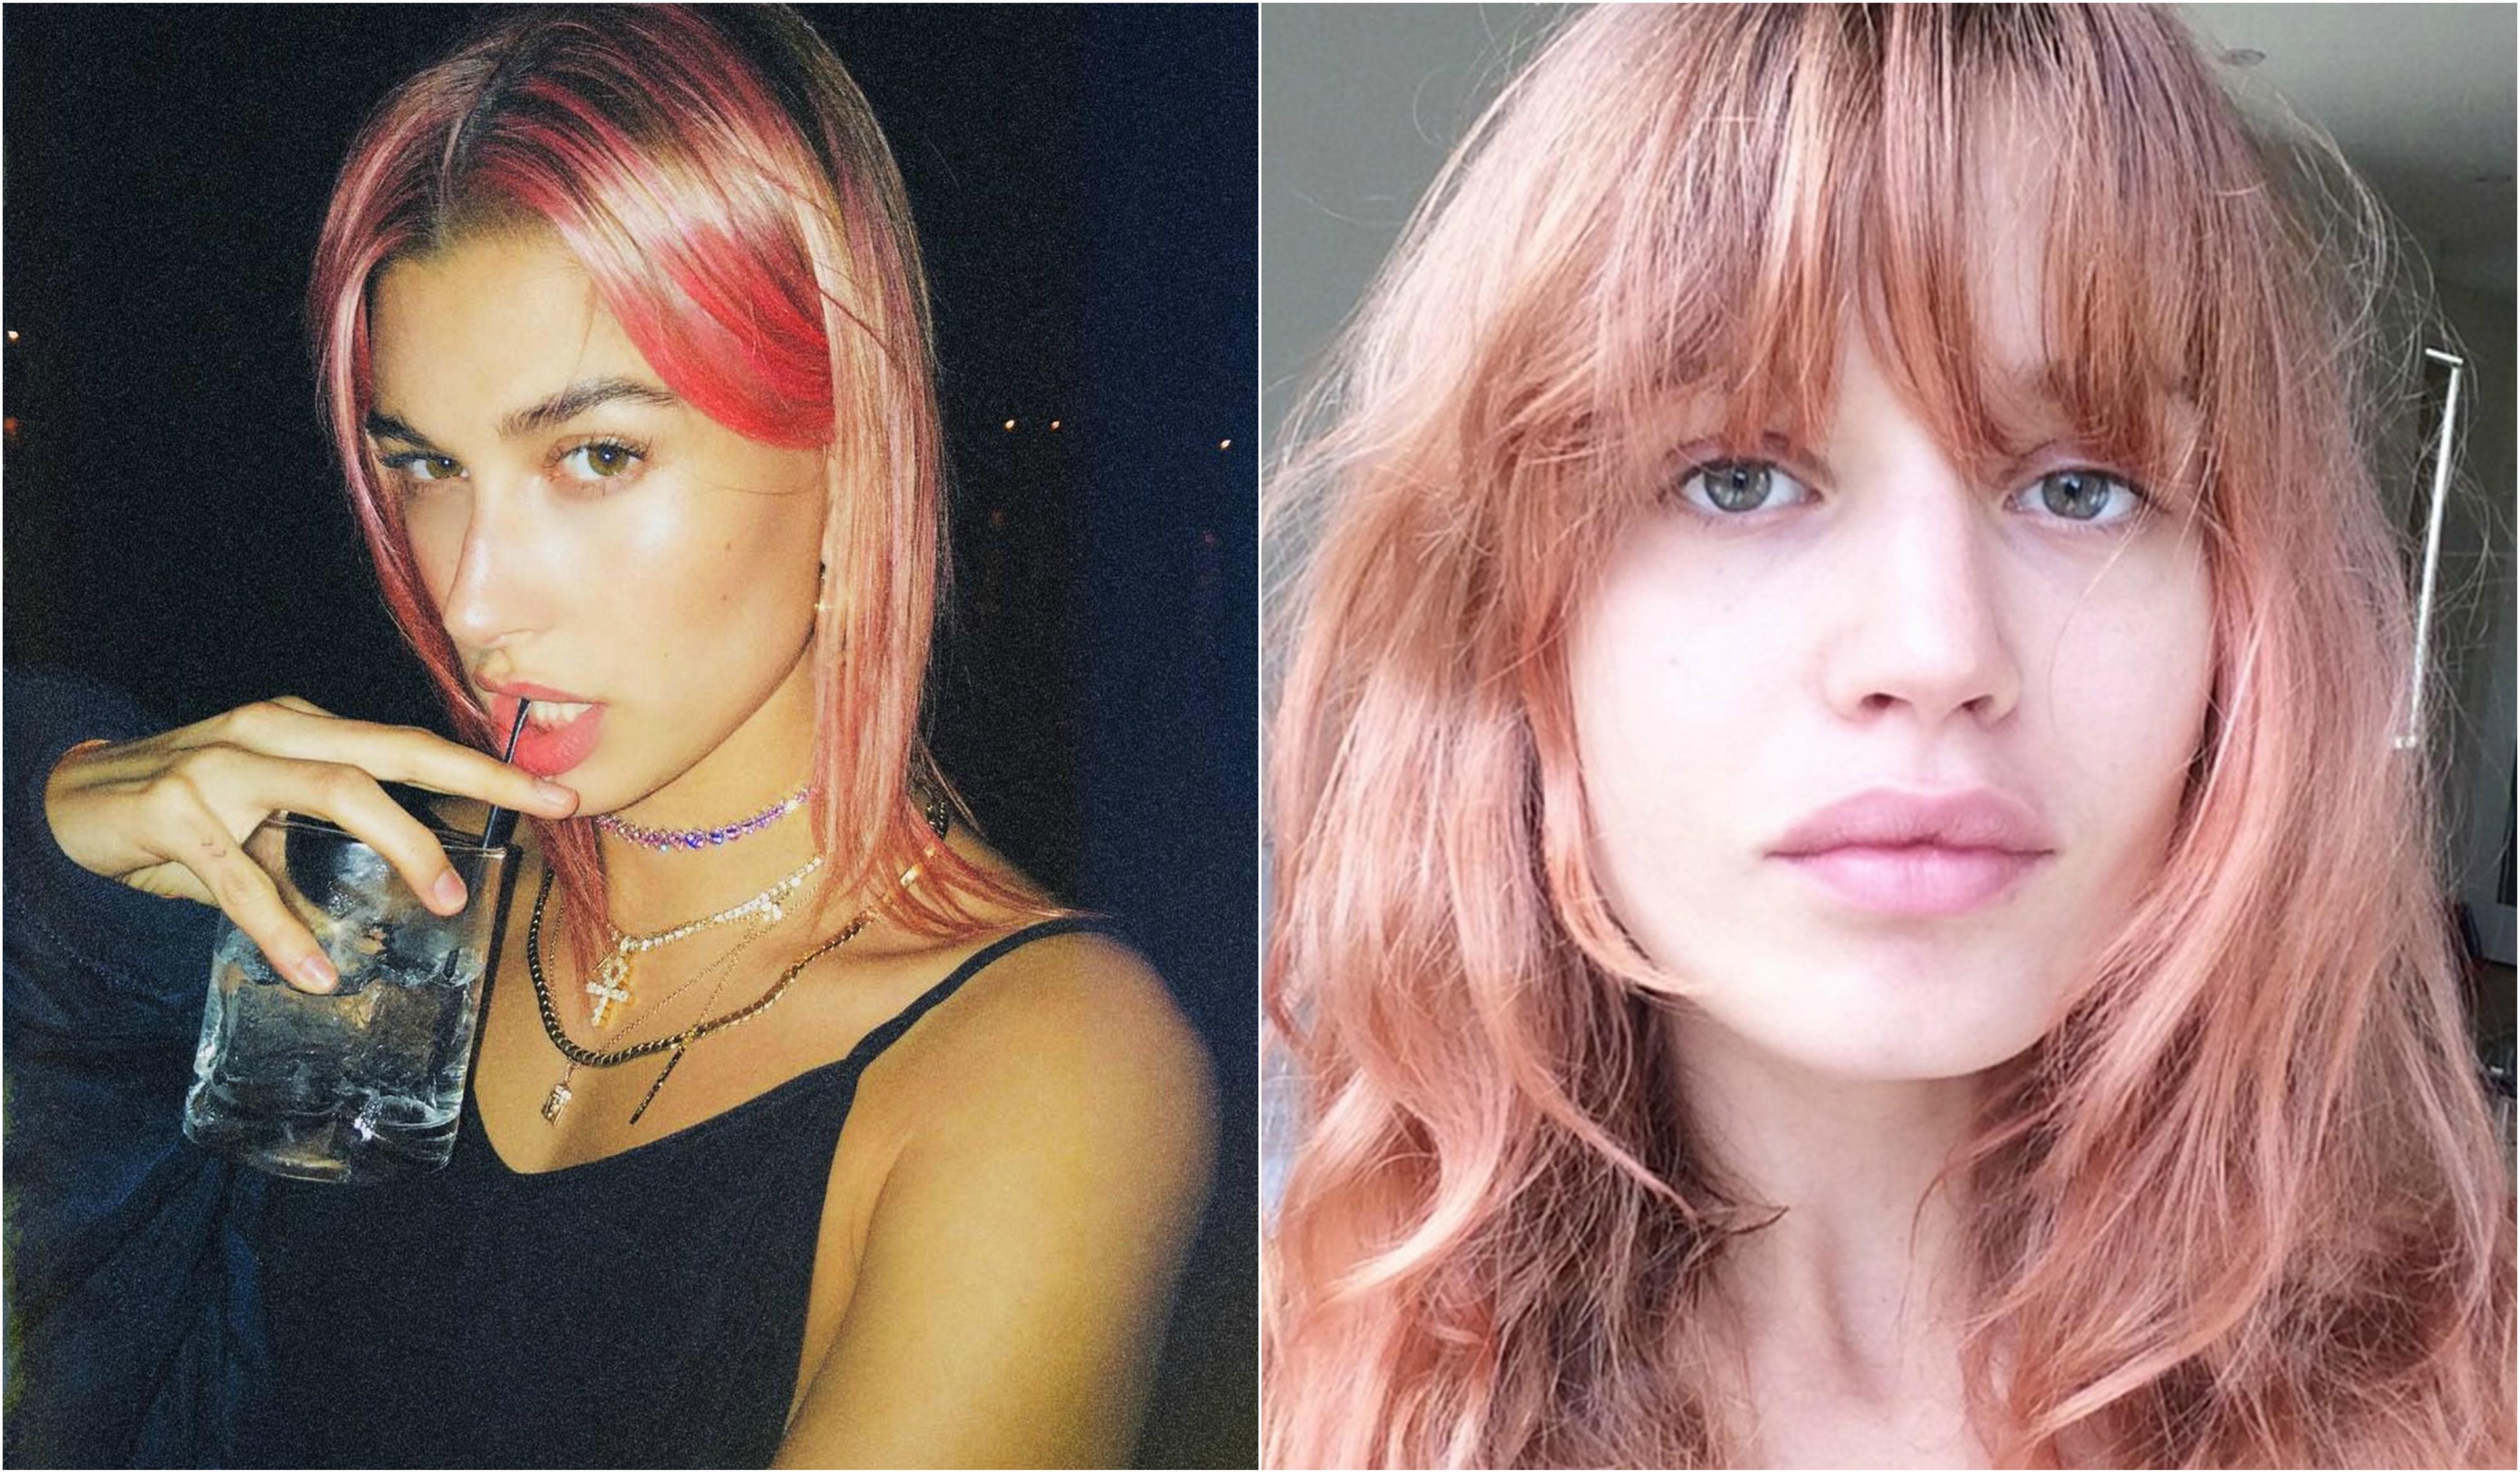 Tutorial Belleza: Cómo conseguir un pelo rosa impecable paso a paso - image pink-pelo-vanidad on https://www.vanidad.es